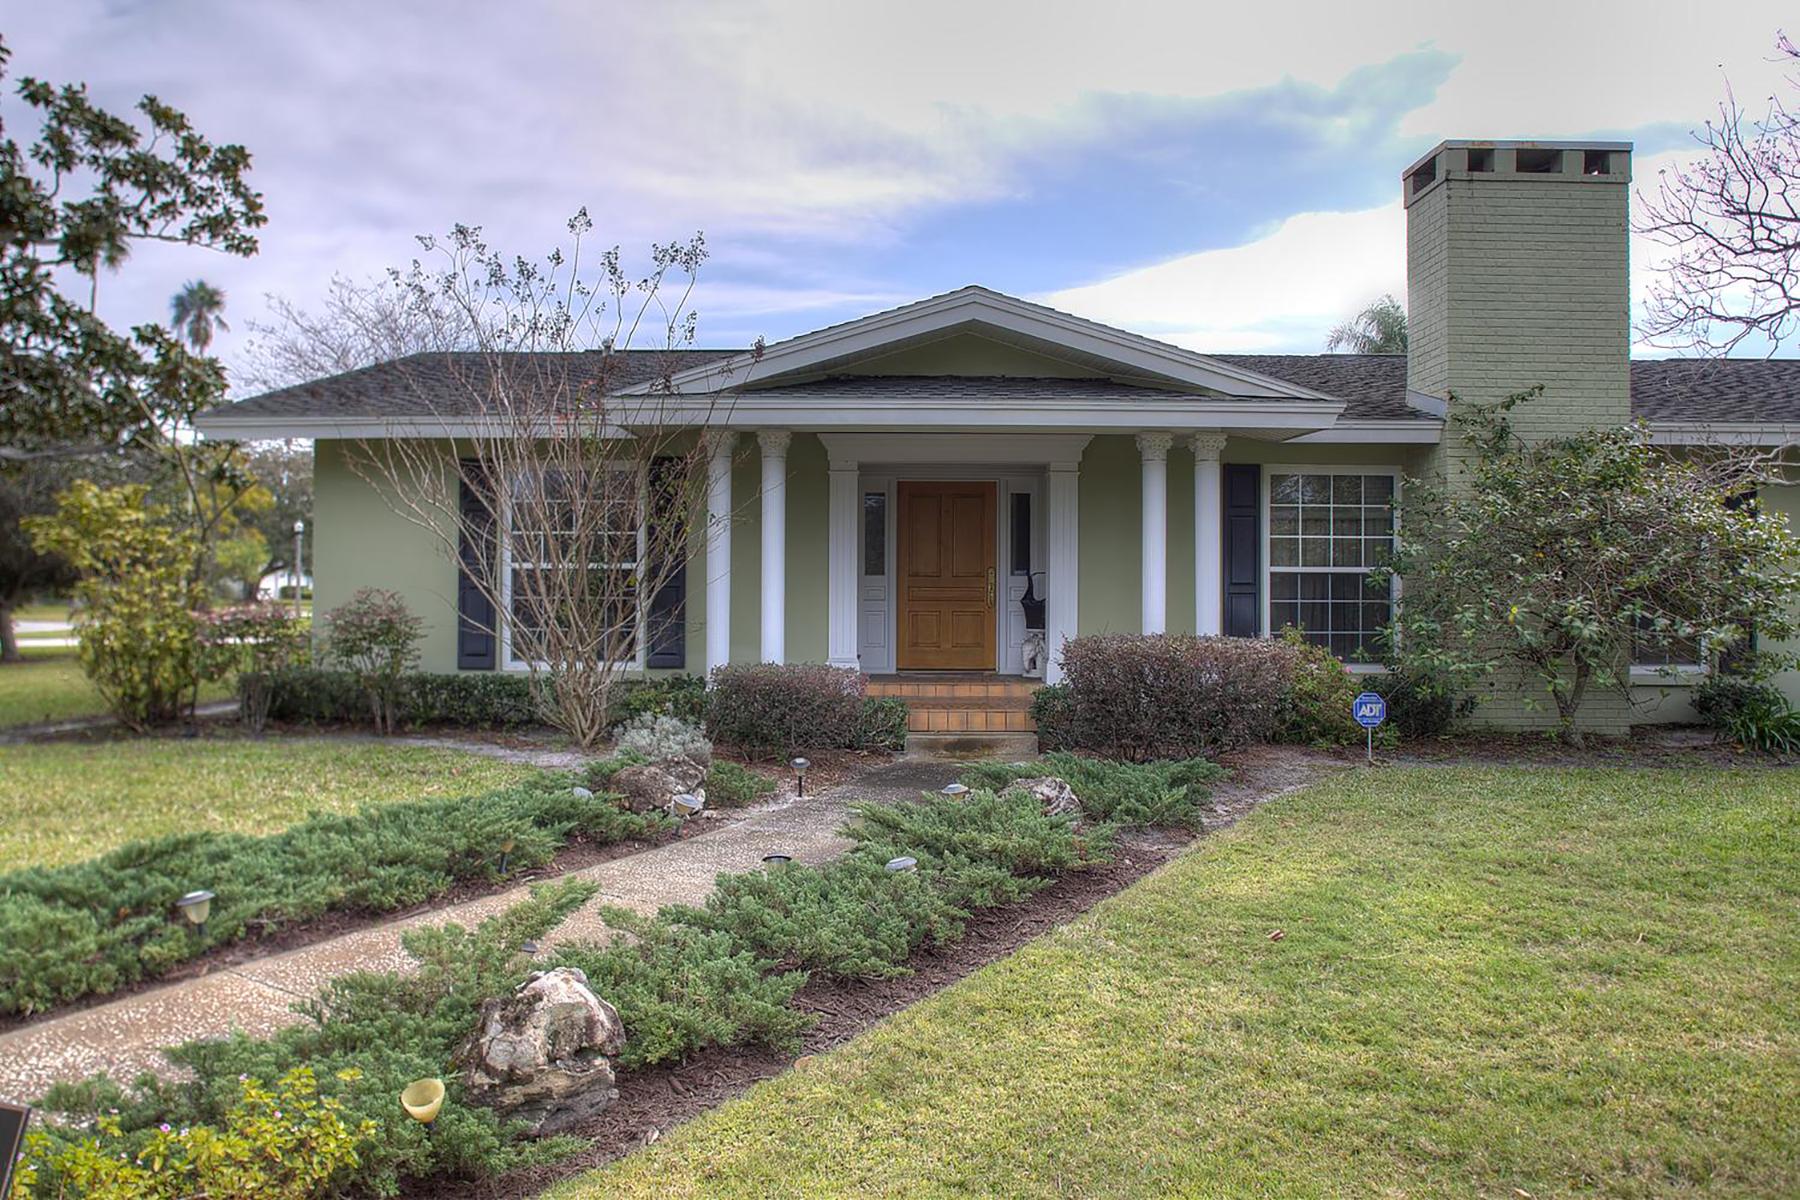 Einfamilienhaus für Verkauf beim BELLEAIR 403 Osceola Rd Belleair, Florida, 33756 Vereinigte Staaten